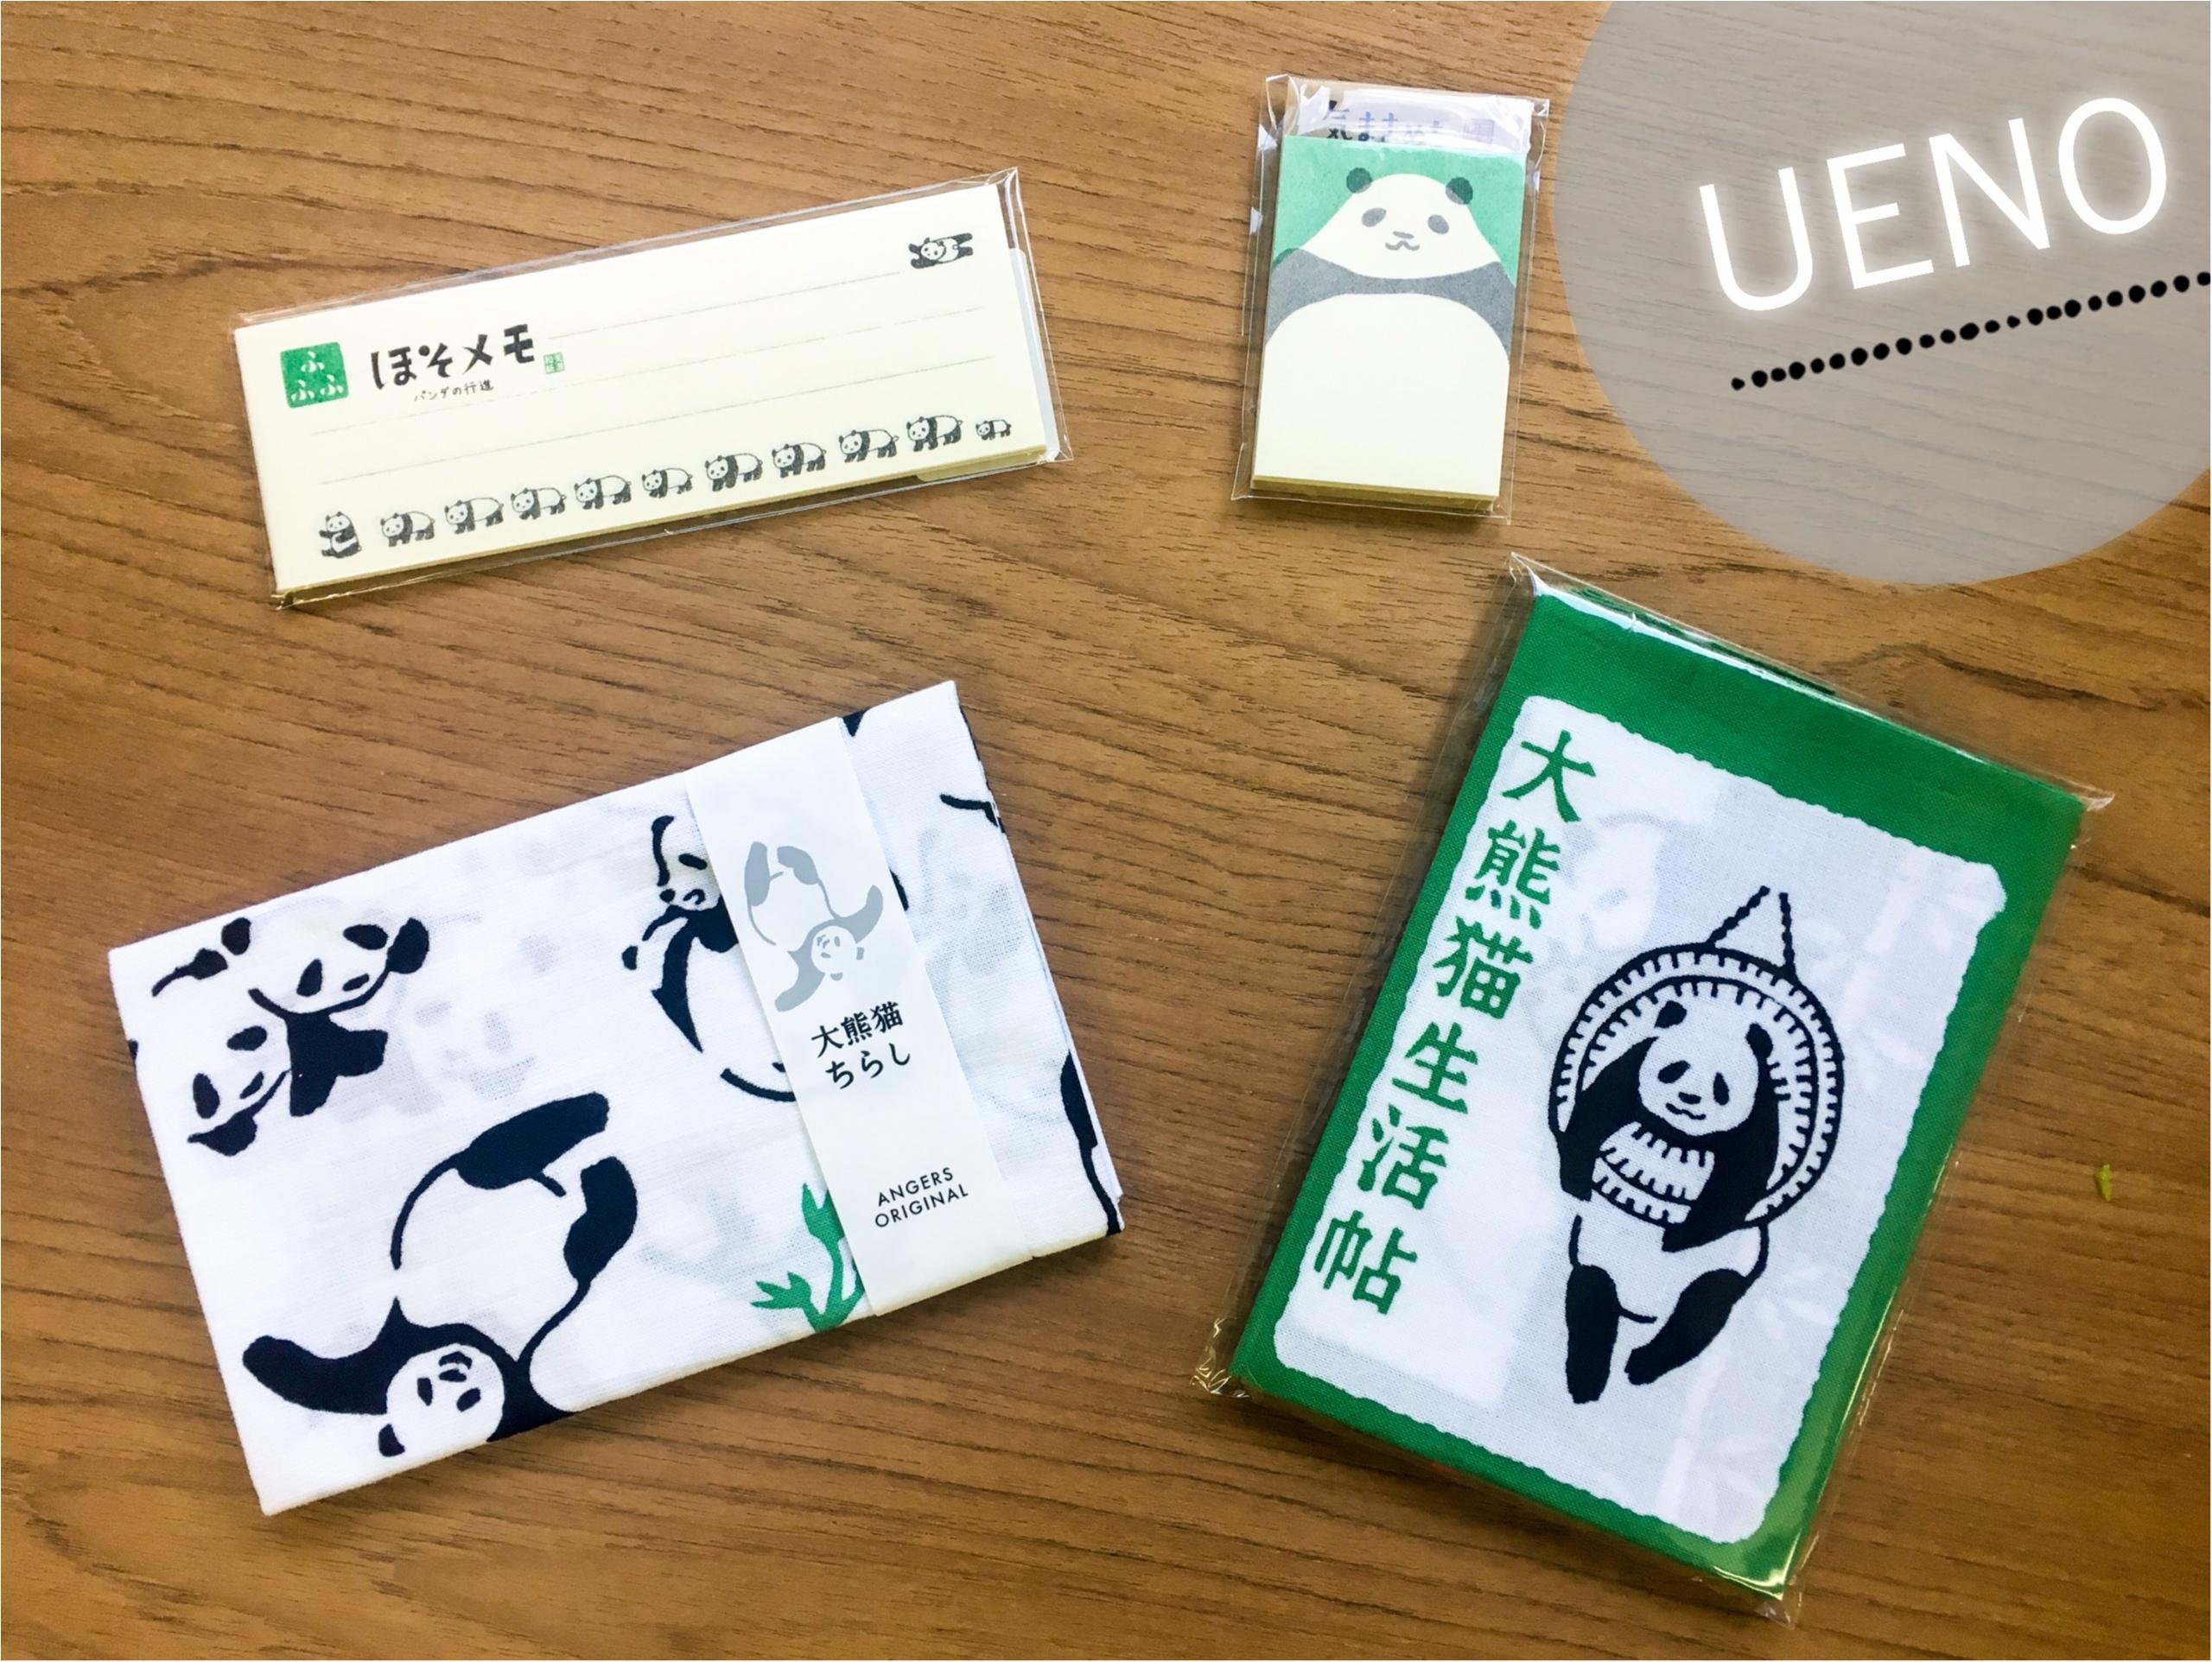 【上野/シャンシャン公開記念❁】上野駅・駅ナカでGETできるパンダグッズがとってもキュート♡♡_1